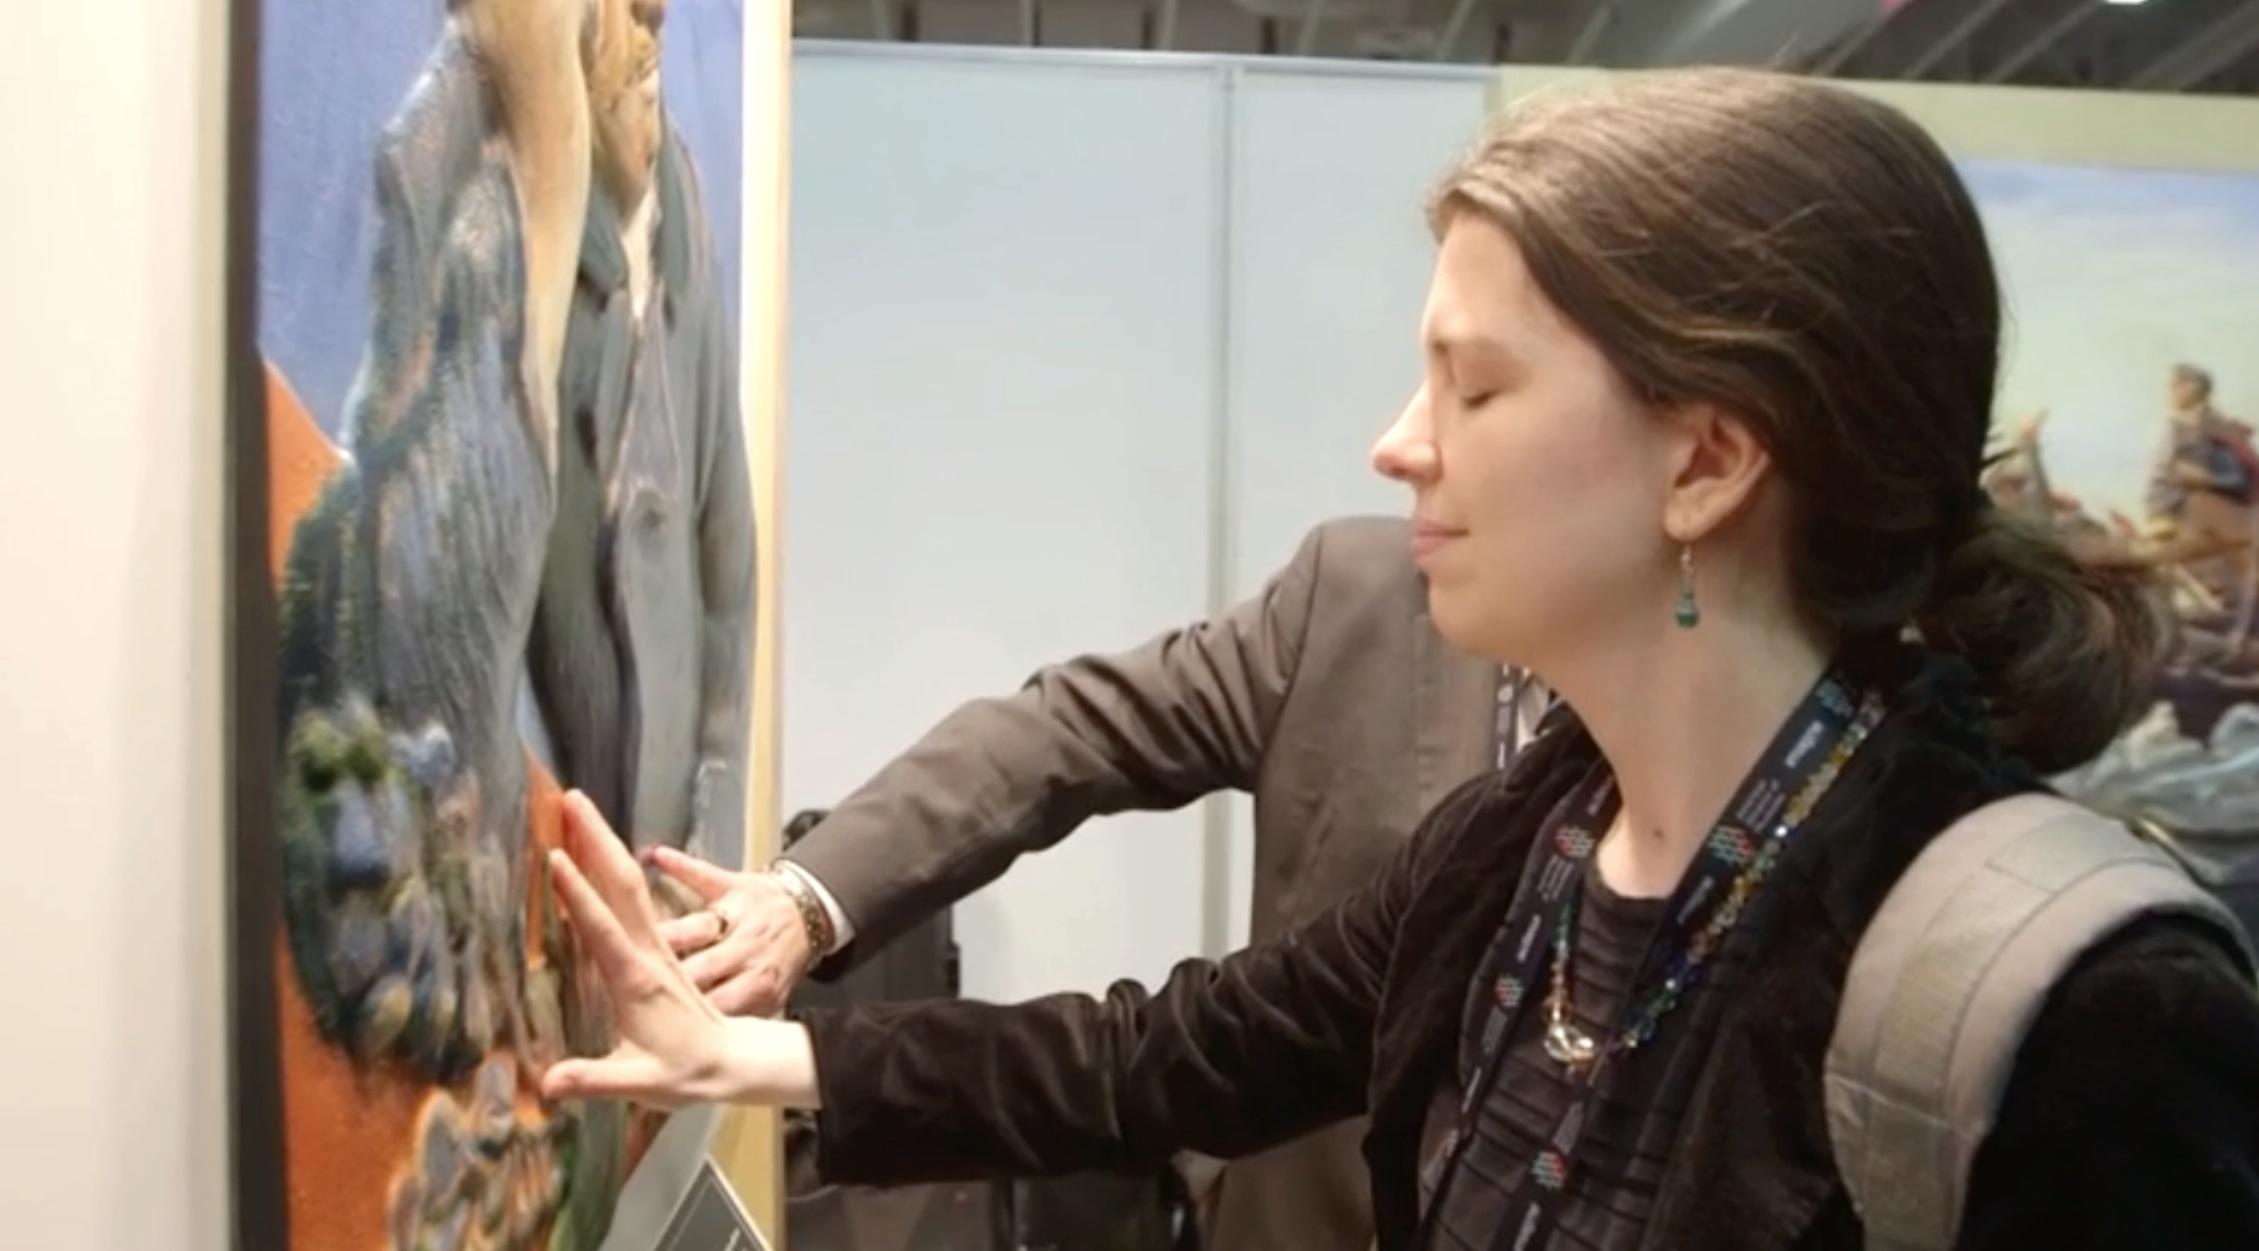 طباعة ثلاثية الأبعاد تجعل رؤية الفن حقيقة للمكفوفين